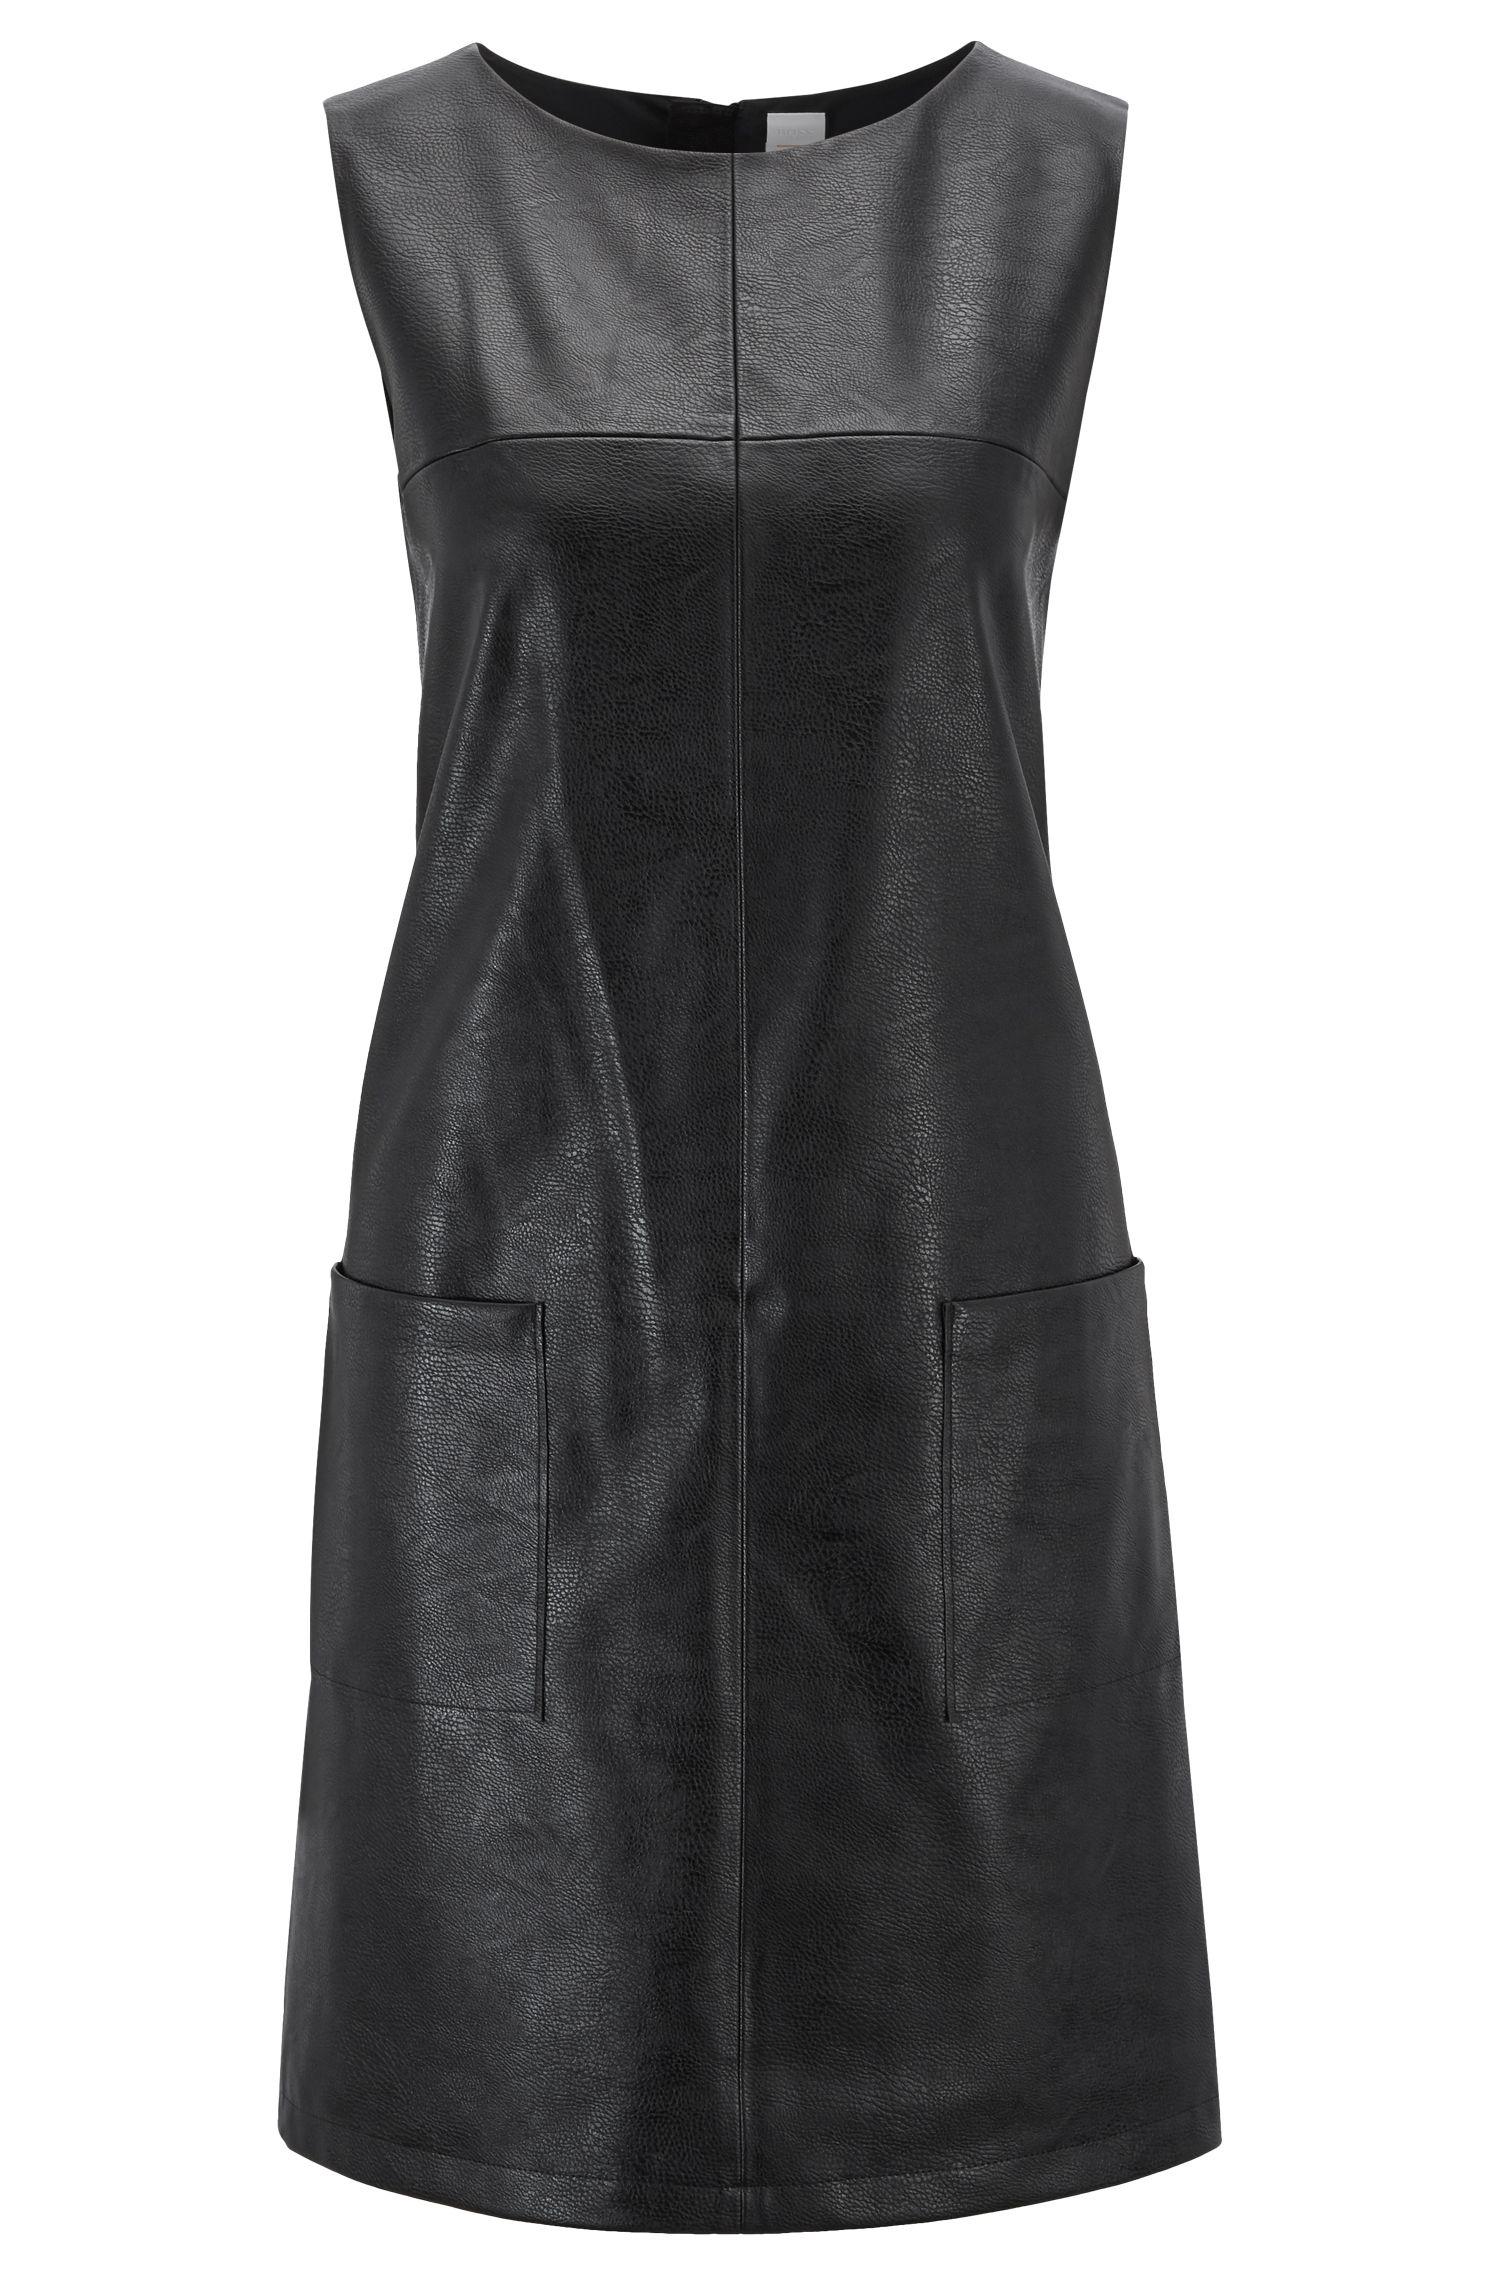 Ärmelloses Kleid aus Kunstleder mit aufgesetzten Taschen, Schwarz